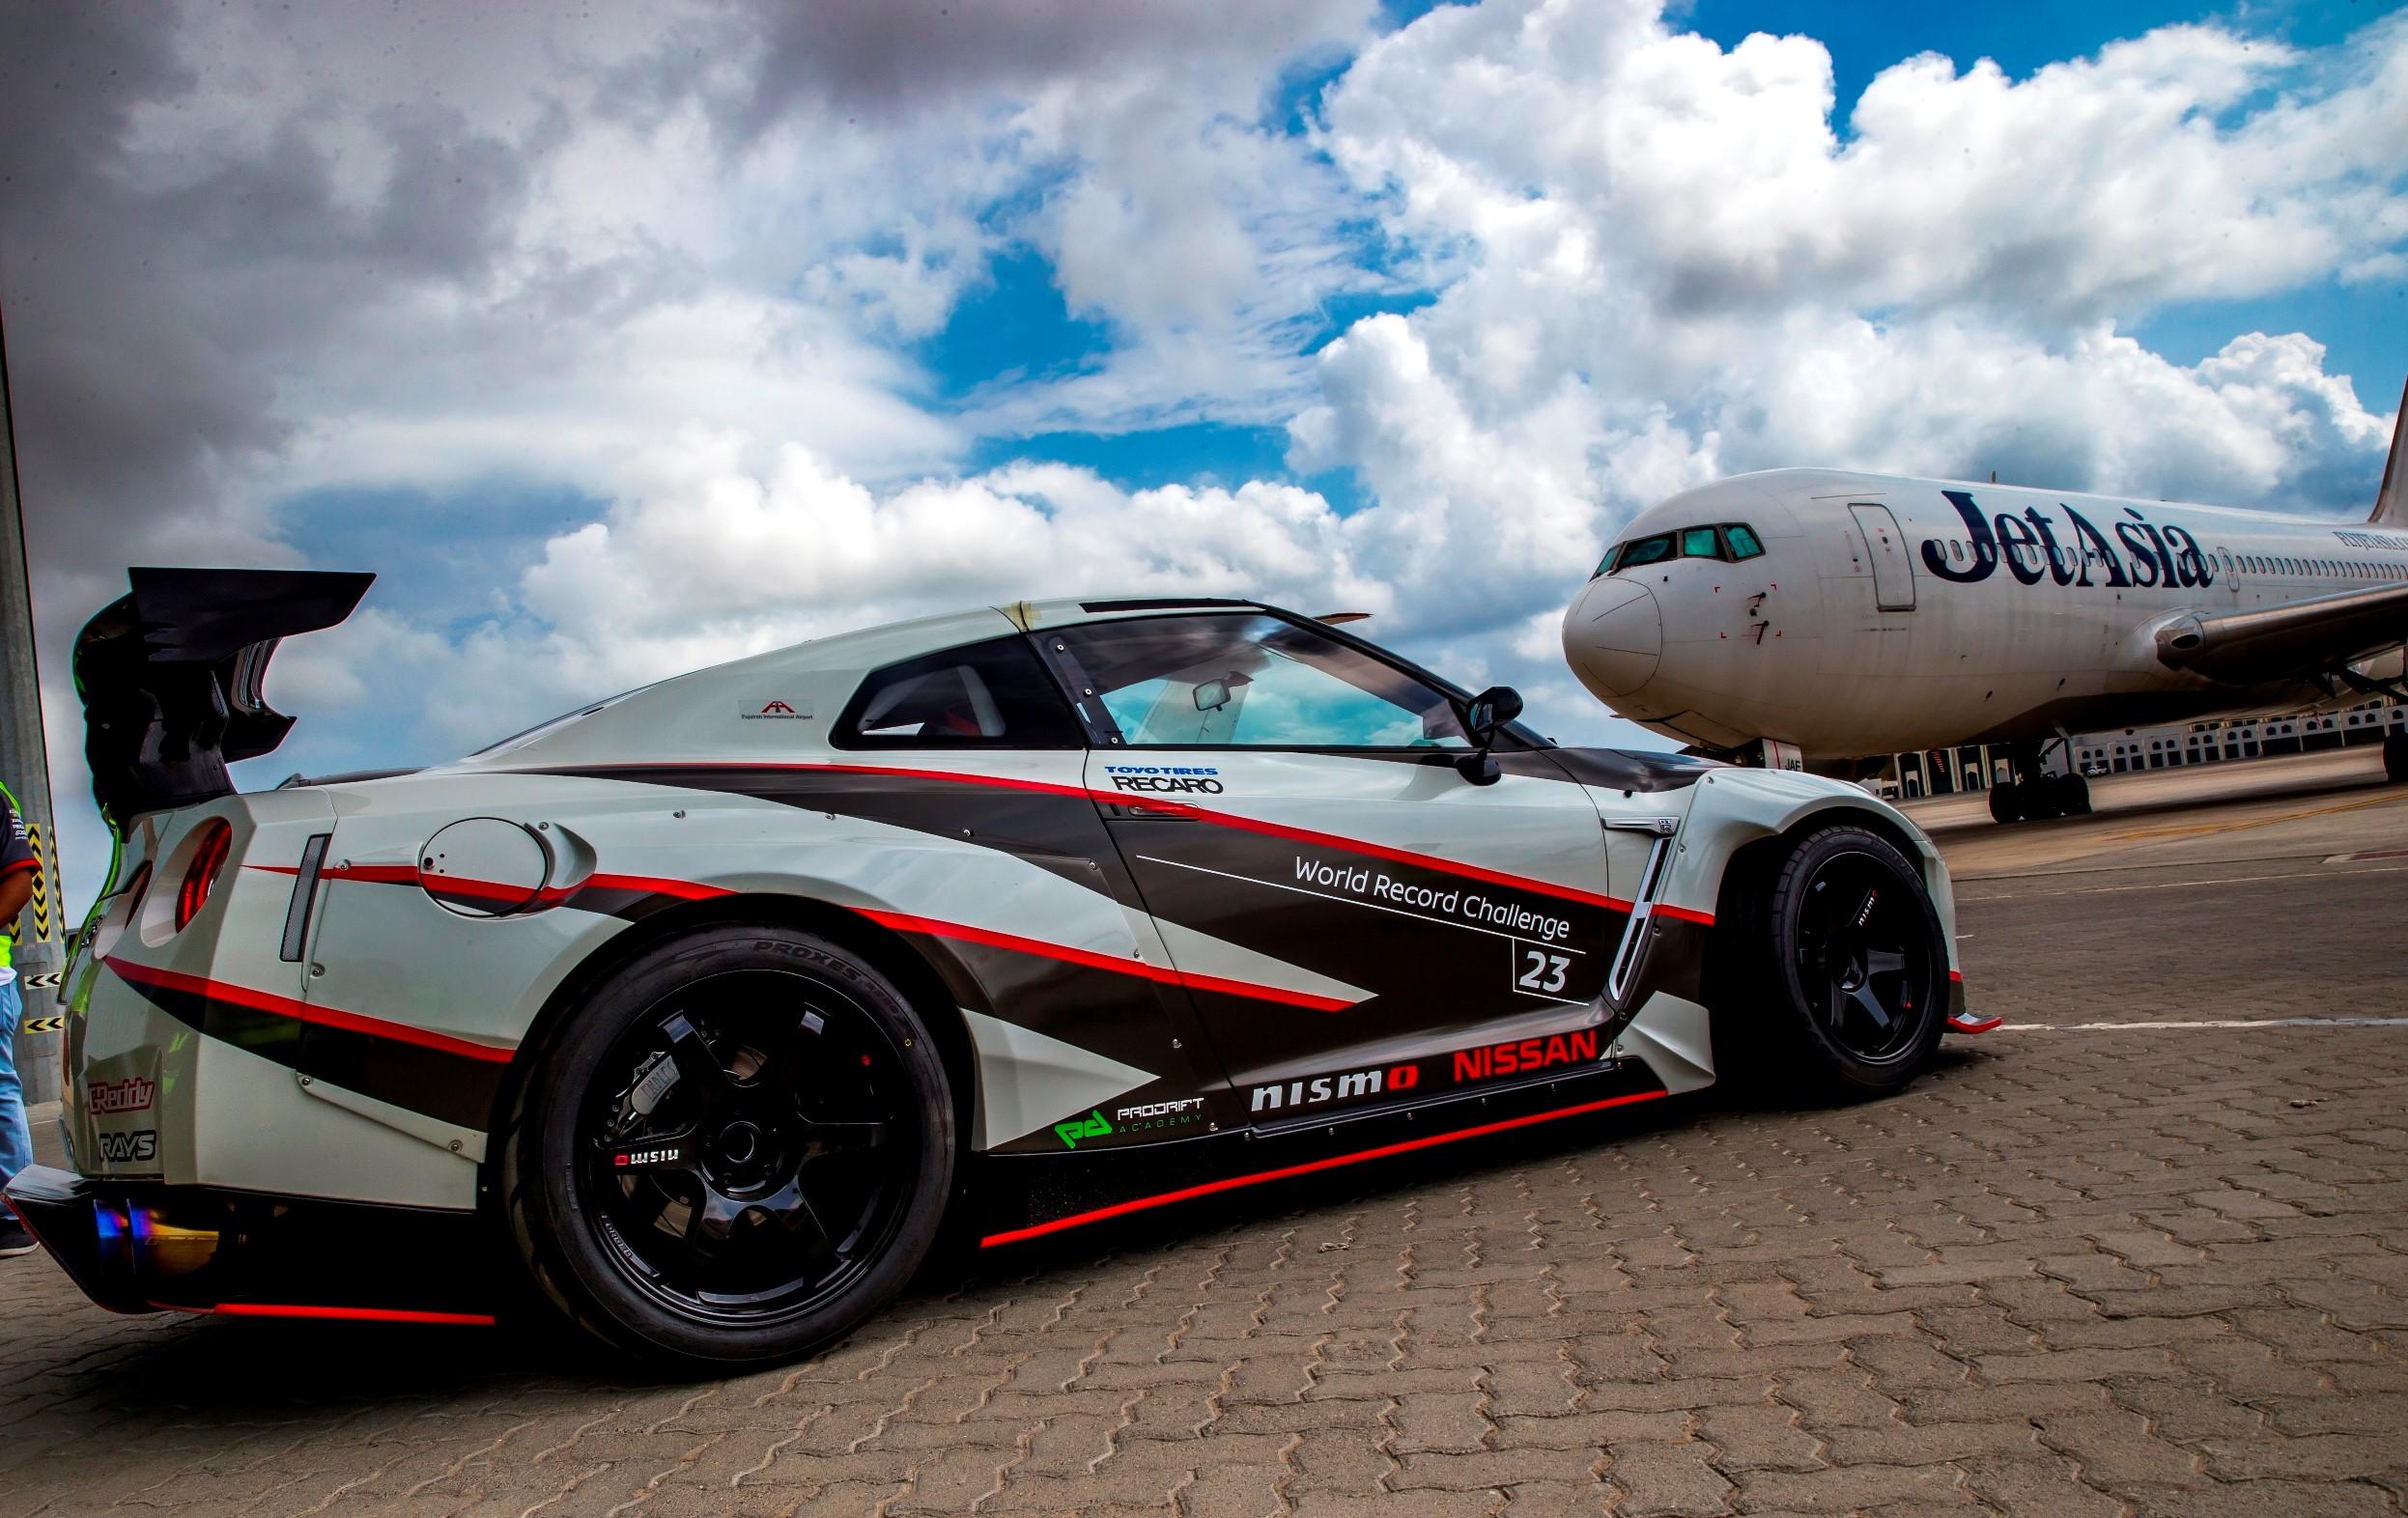 Nissan GT-R побил рекорд Гиннесса в номинации «Самый быстрый дрифт»